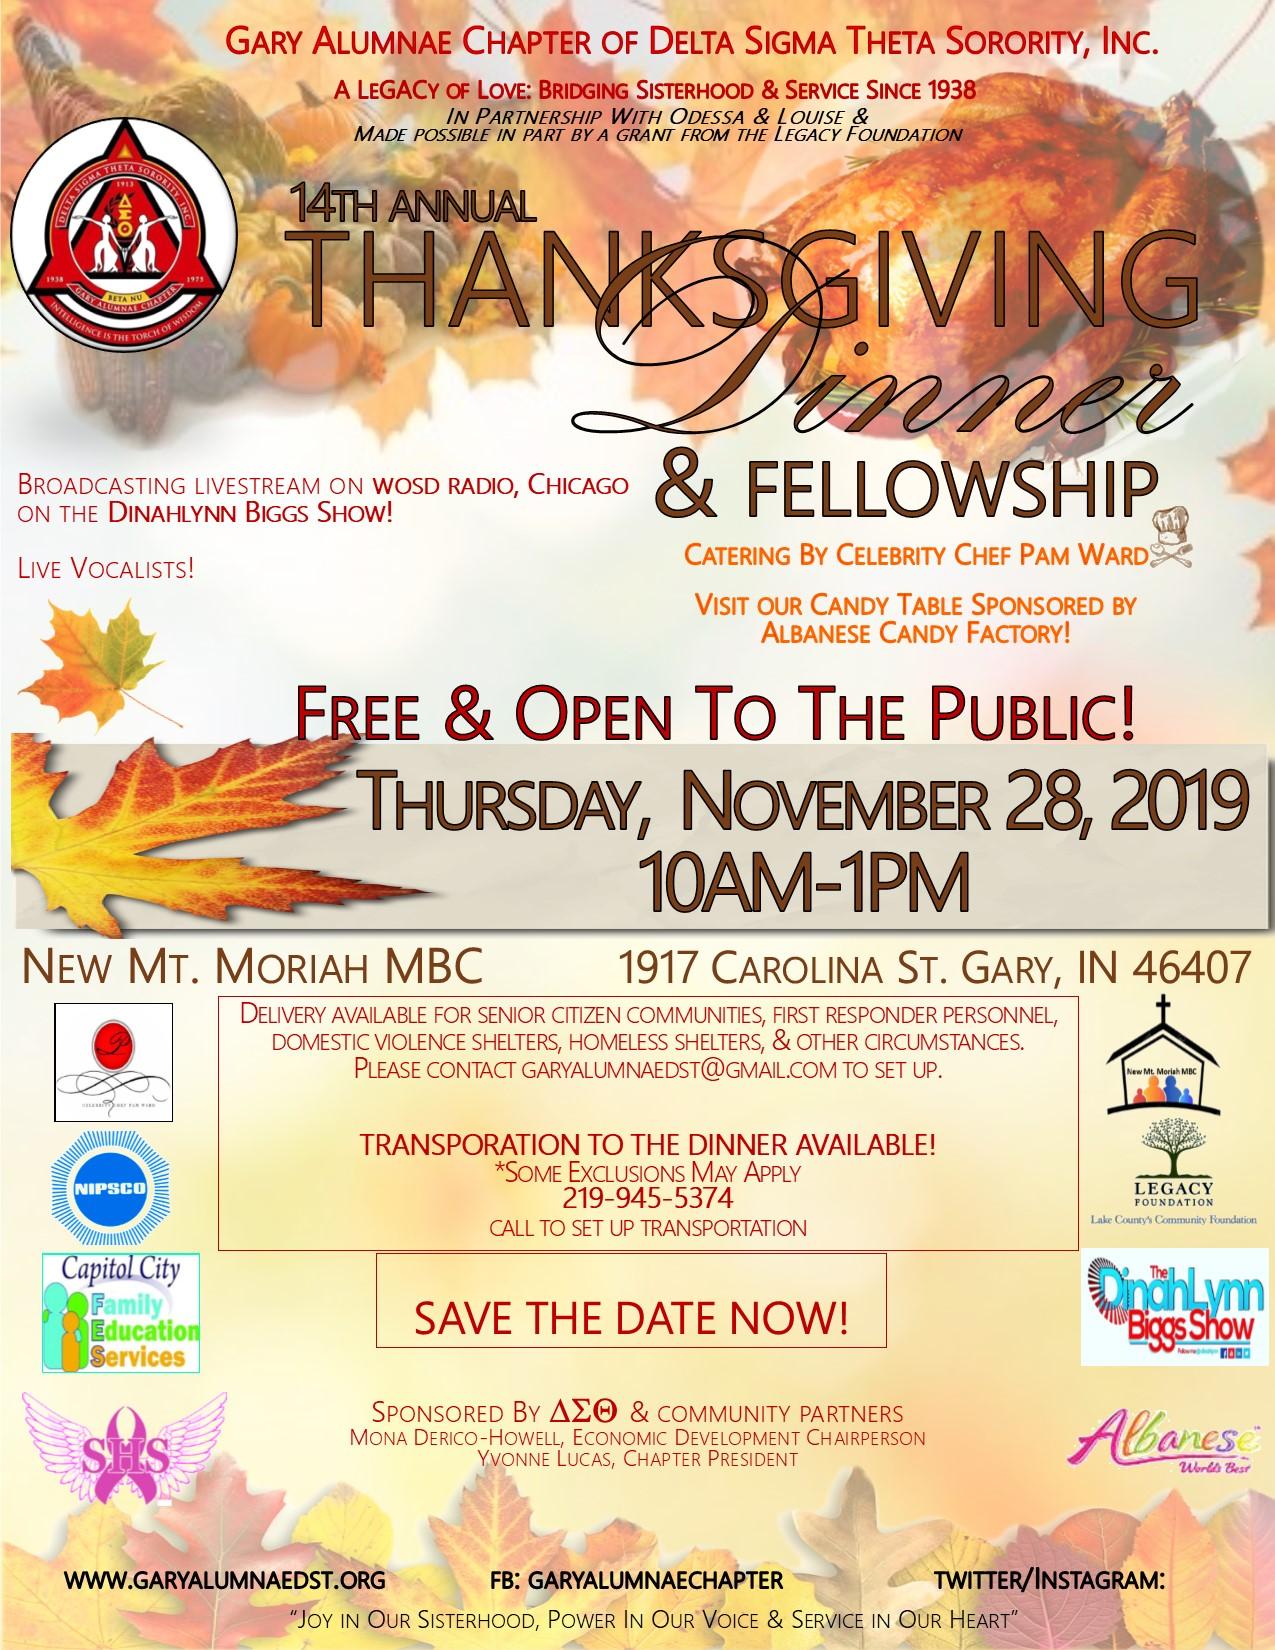 14th Annual Thanksgiving Dinner & Fellowship